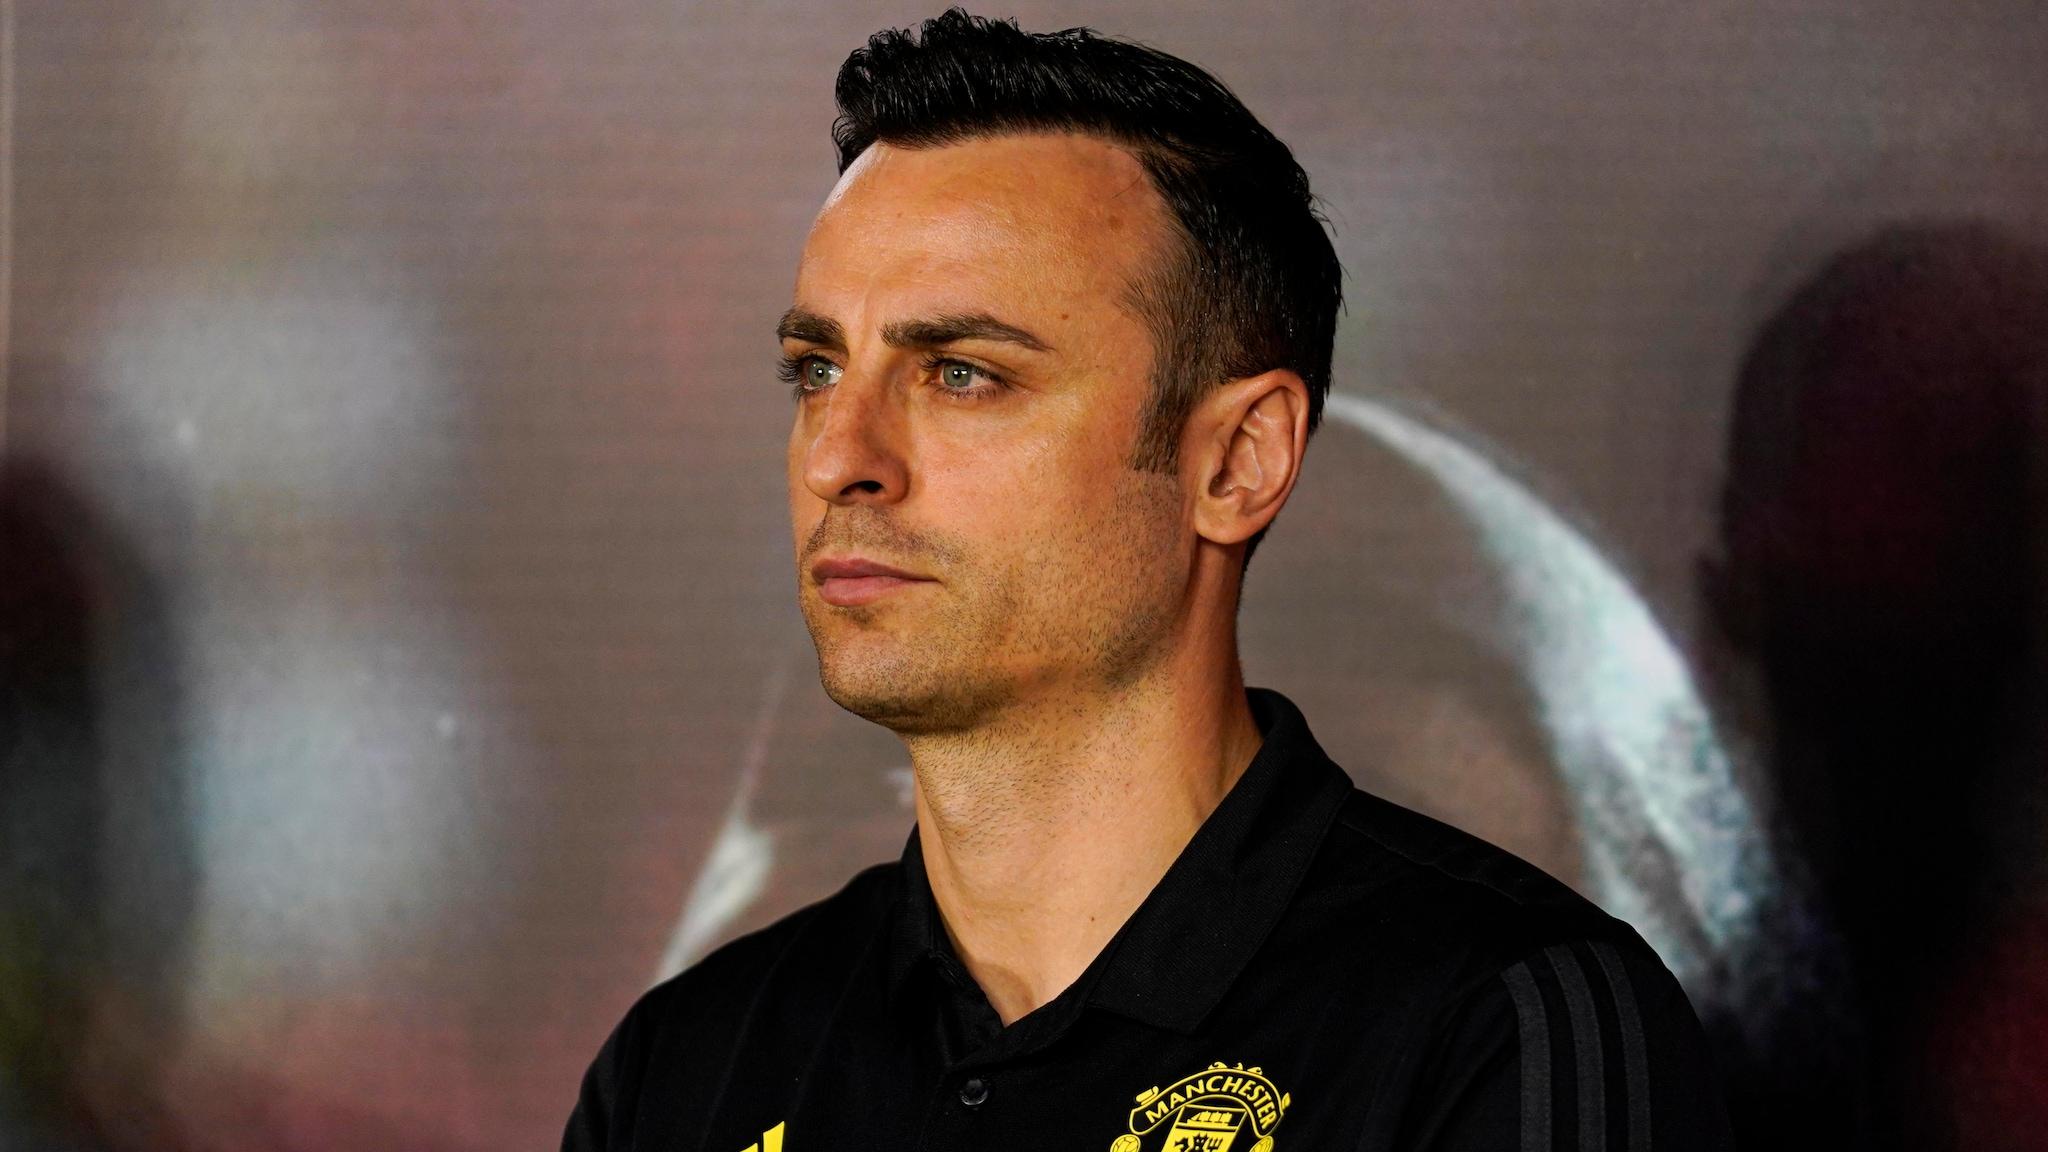 """Dimitar Berbatov: """"El Manchester United debería estar en lo más alto""""   UEFA Europa League   UEFA.com"""